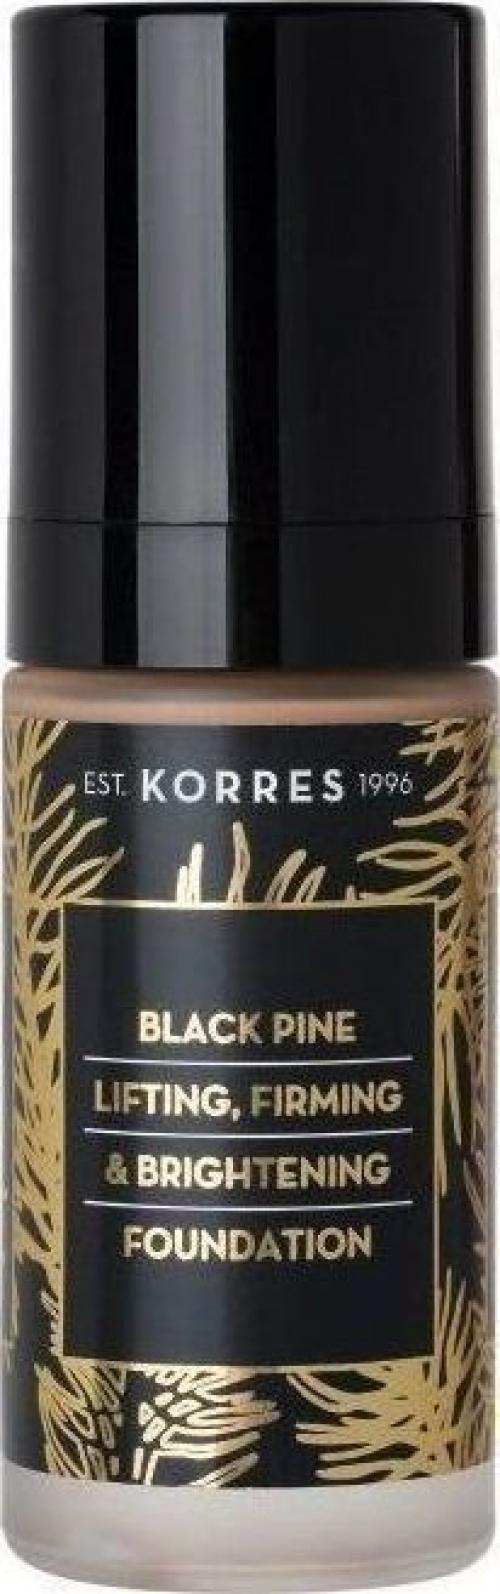 Μαύρη Πεύκη Υγρό make- up Black Pine Lifting, Firming & Brightening Foundation BPF4 30ml